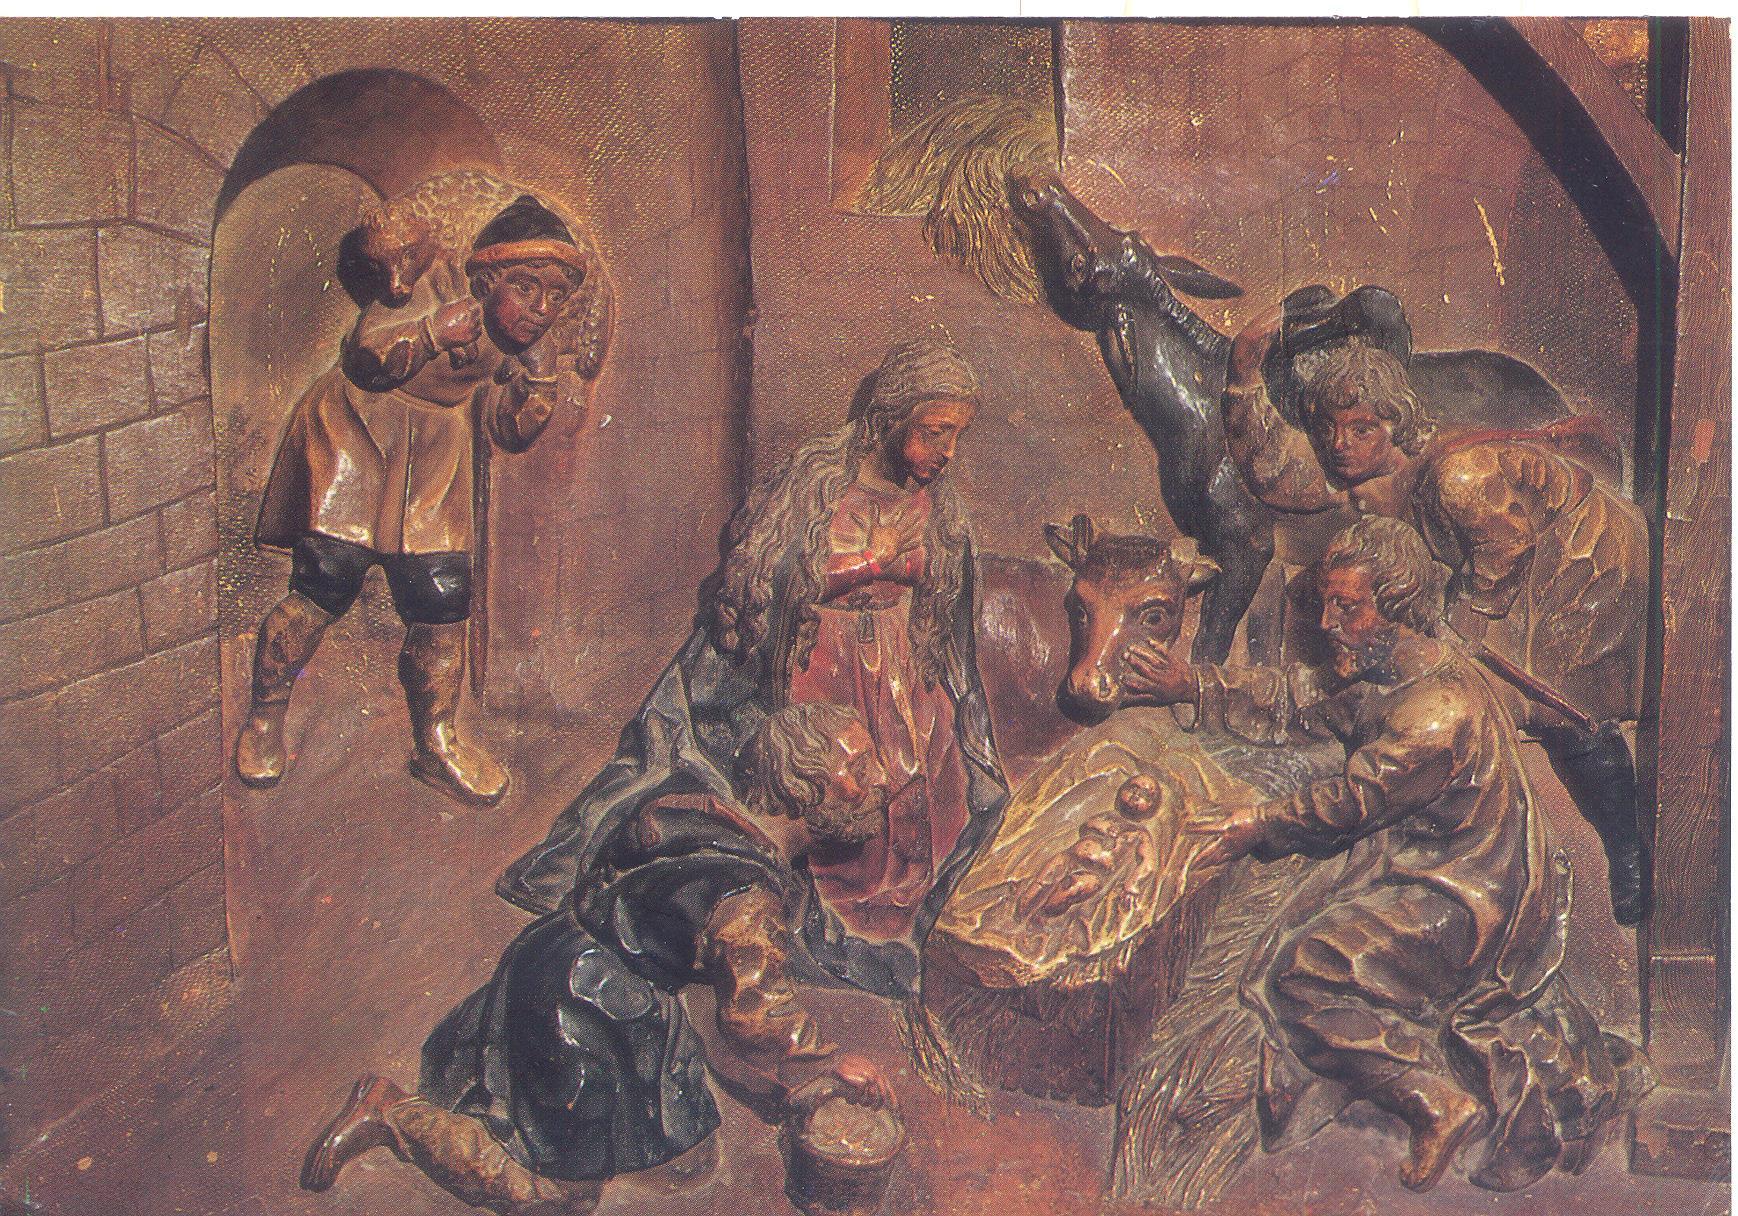 Adoración de los pastores en el portal de Belén